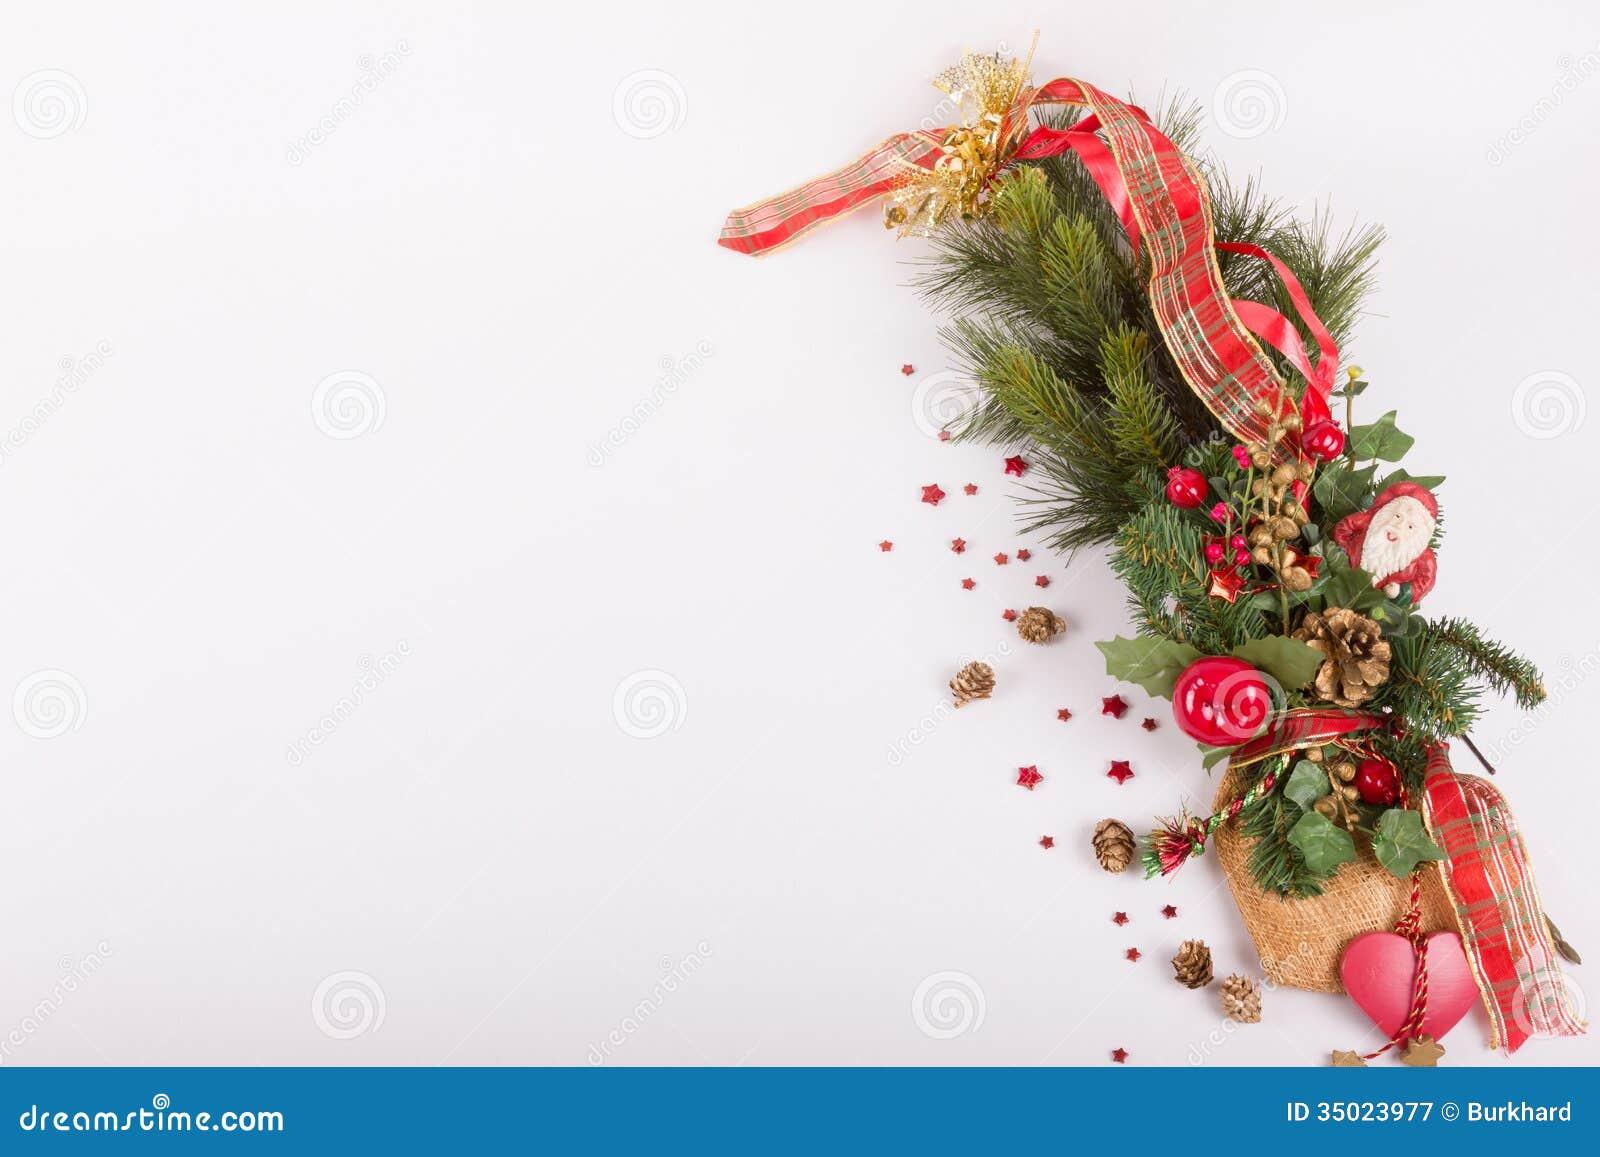 Branche De Sapin Avec La Decoration De Noel Image Stock Image Du